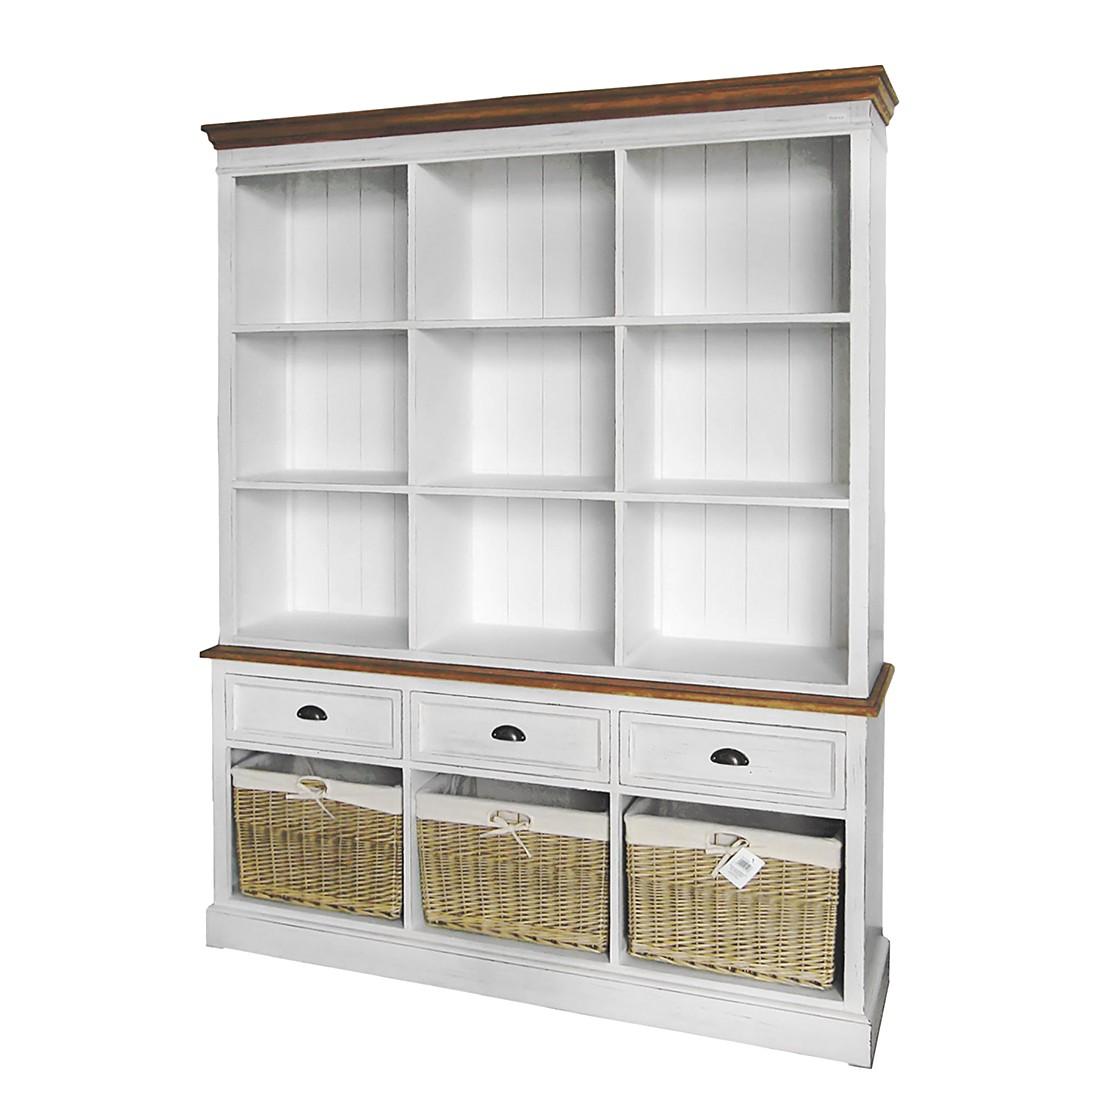 buffetschrank preisvergleich die besten angebote online kaufen. Black Bedroom Furniture Sets. Home Design Ideas